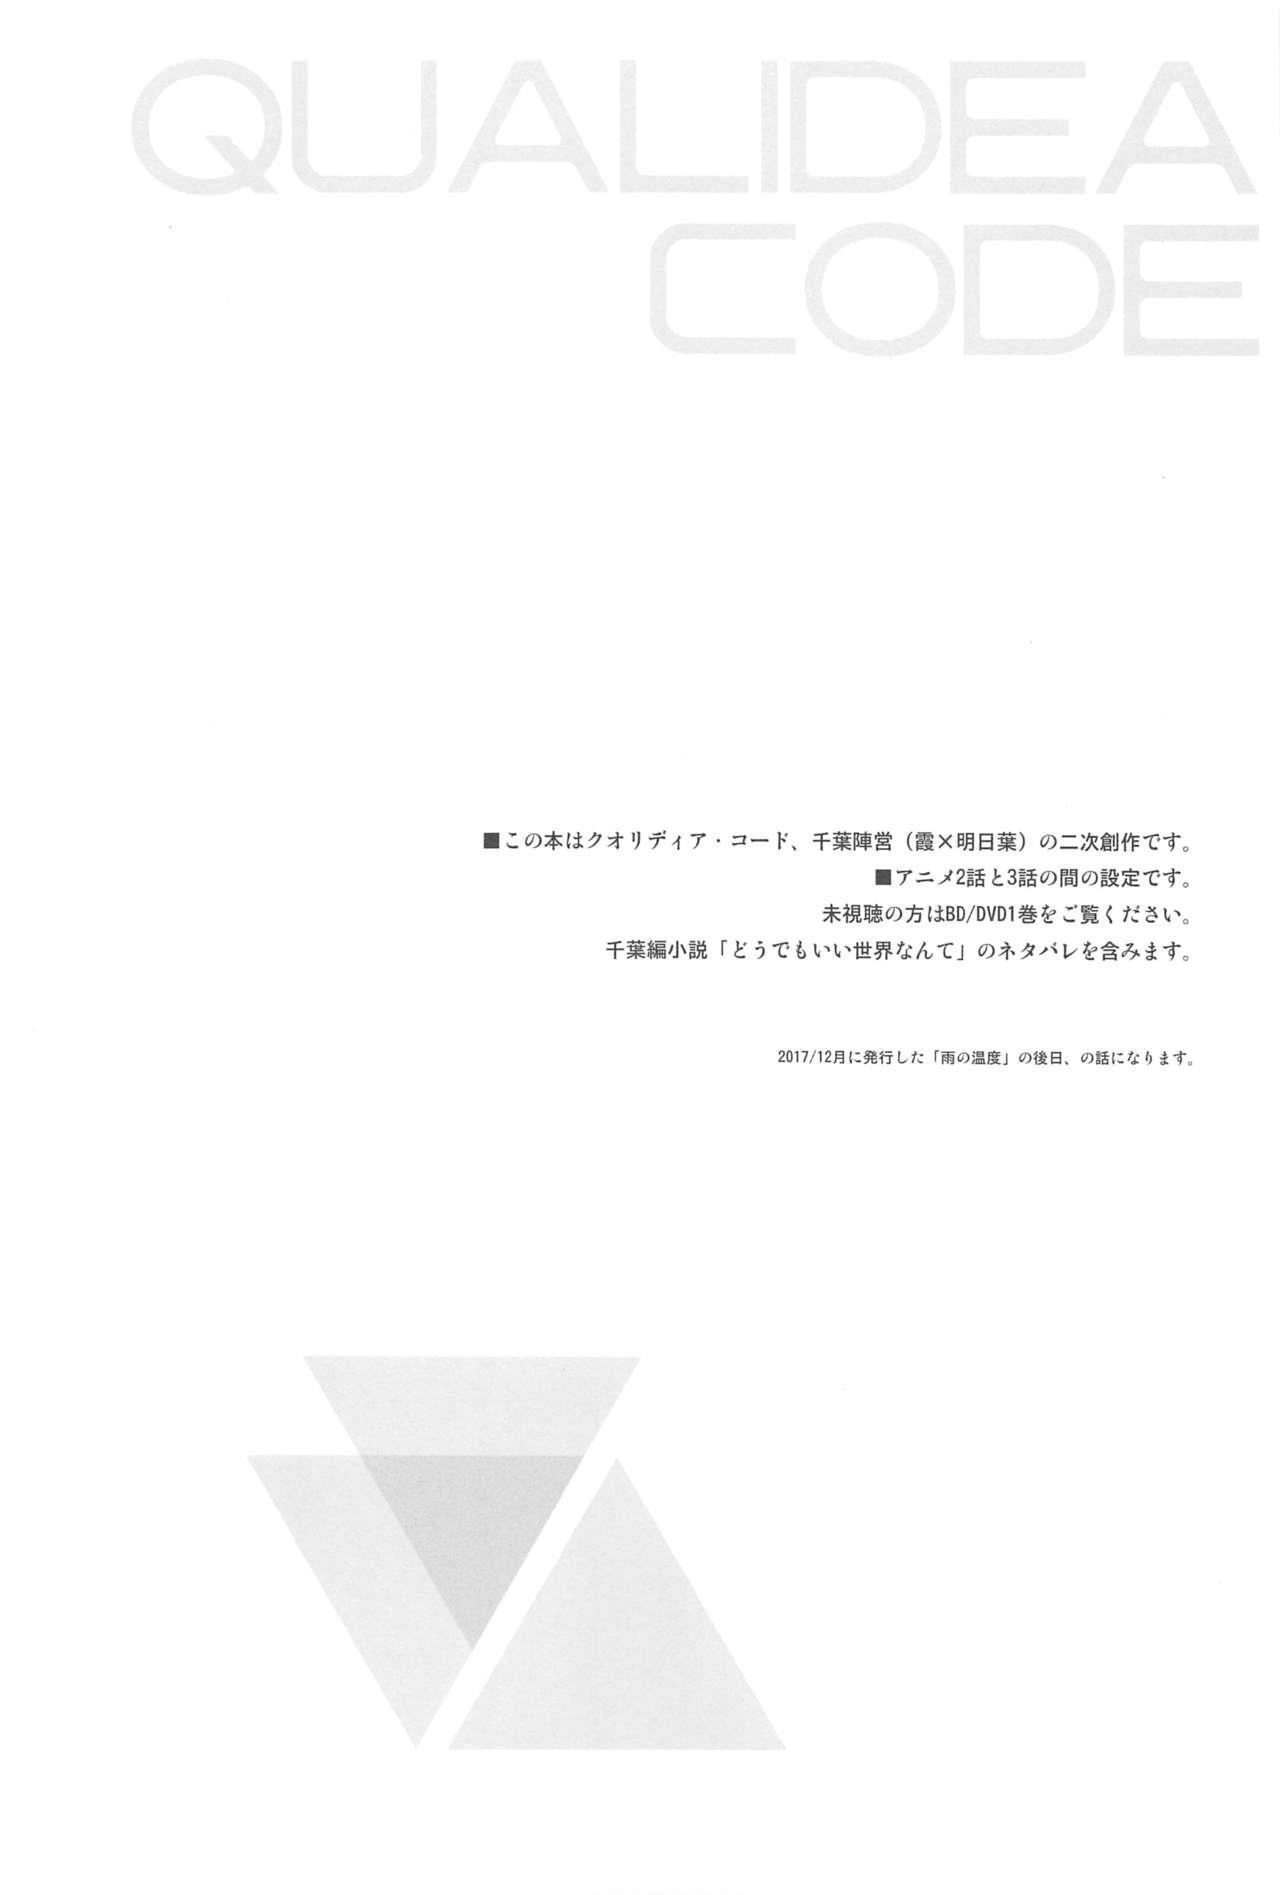 Kono Sekai no Owari made 2